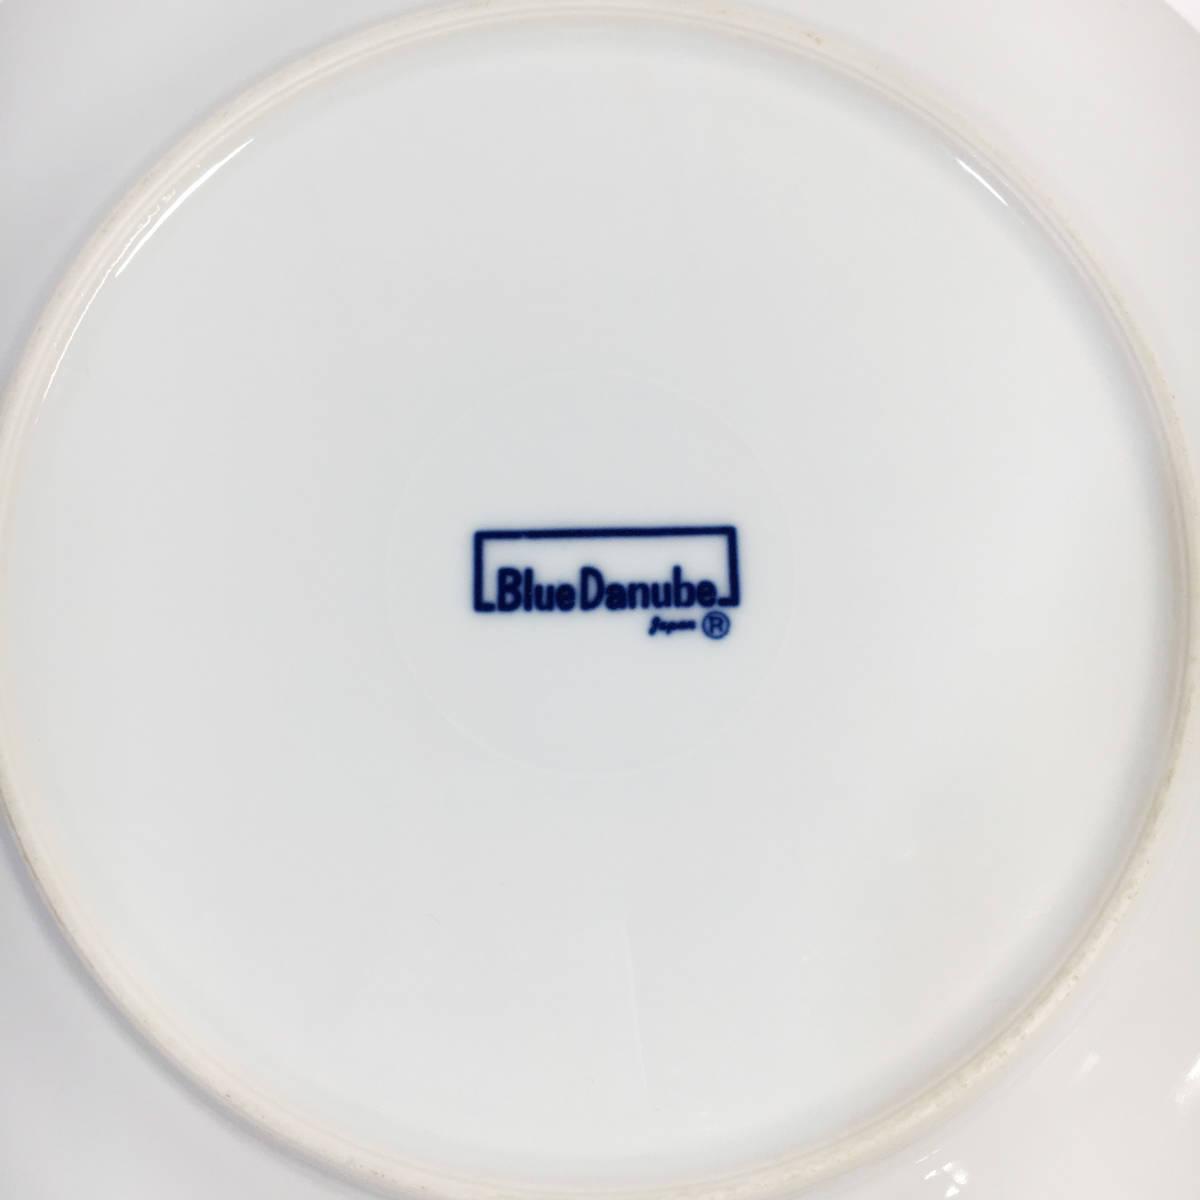 【2枚セット】 ブルーダニューブ ブルーオニオン ディナープレート 26cm パスタ皿 Blue Danube_画像5